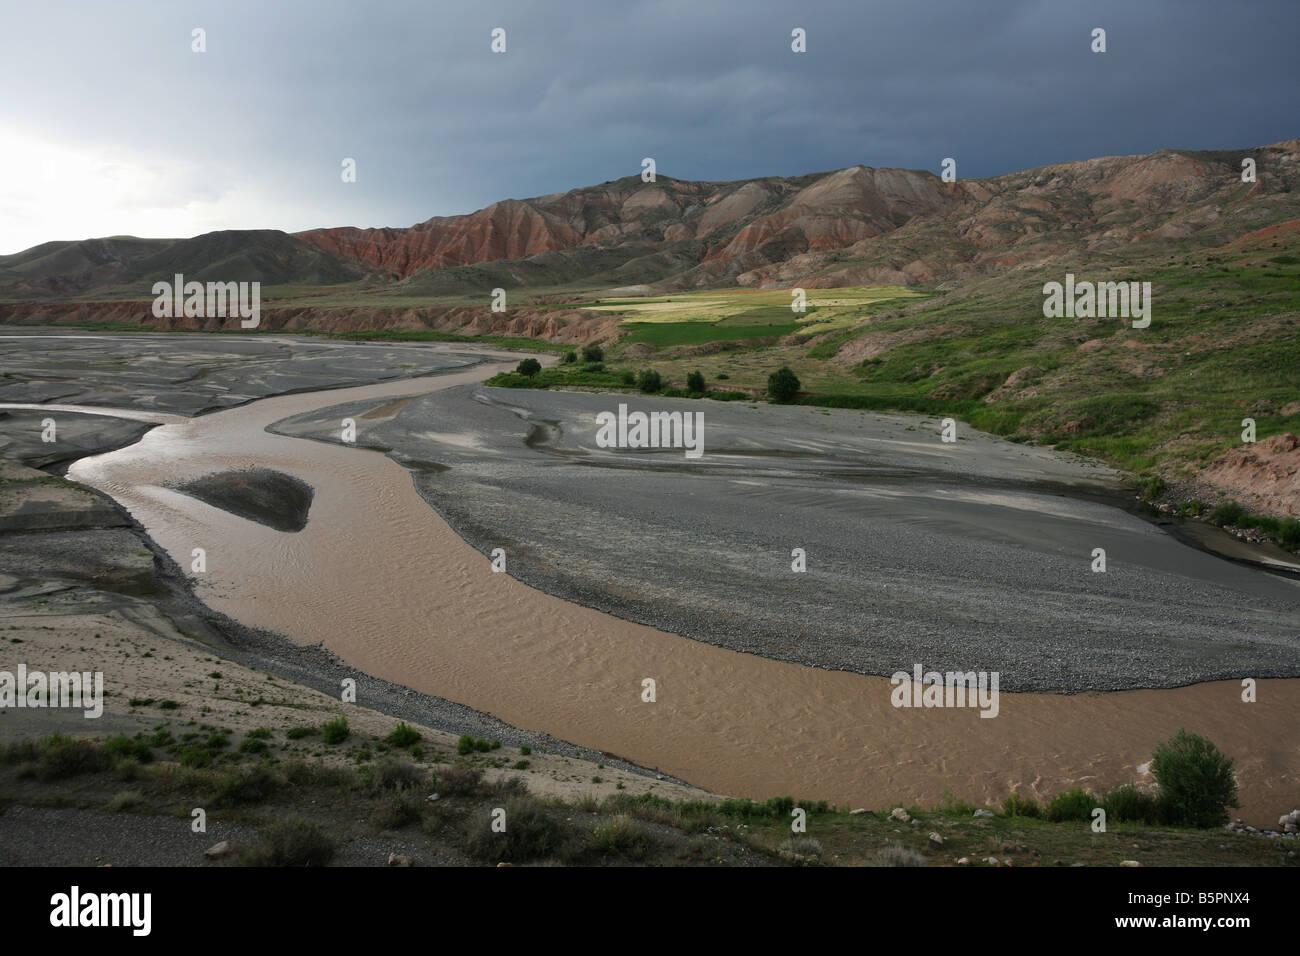 Província de Kars no leste da Turquia perto da fronteira com a Arménia Imagens de Stock